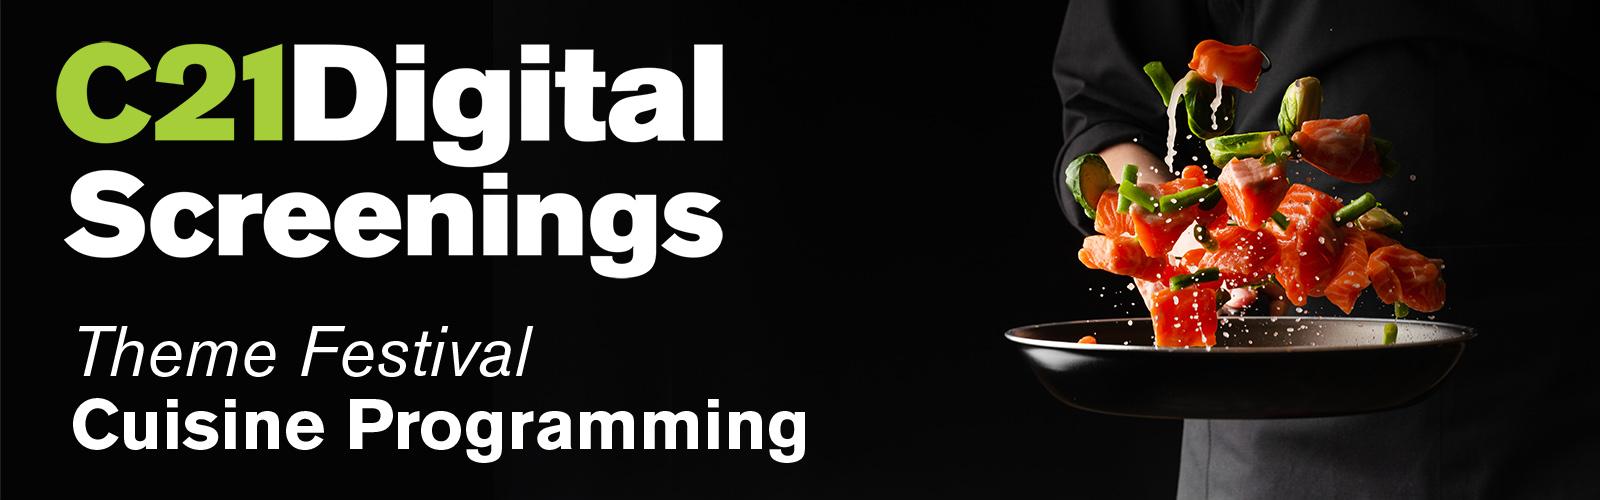 Theme Festival - Cuisine Programming